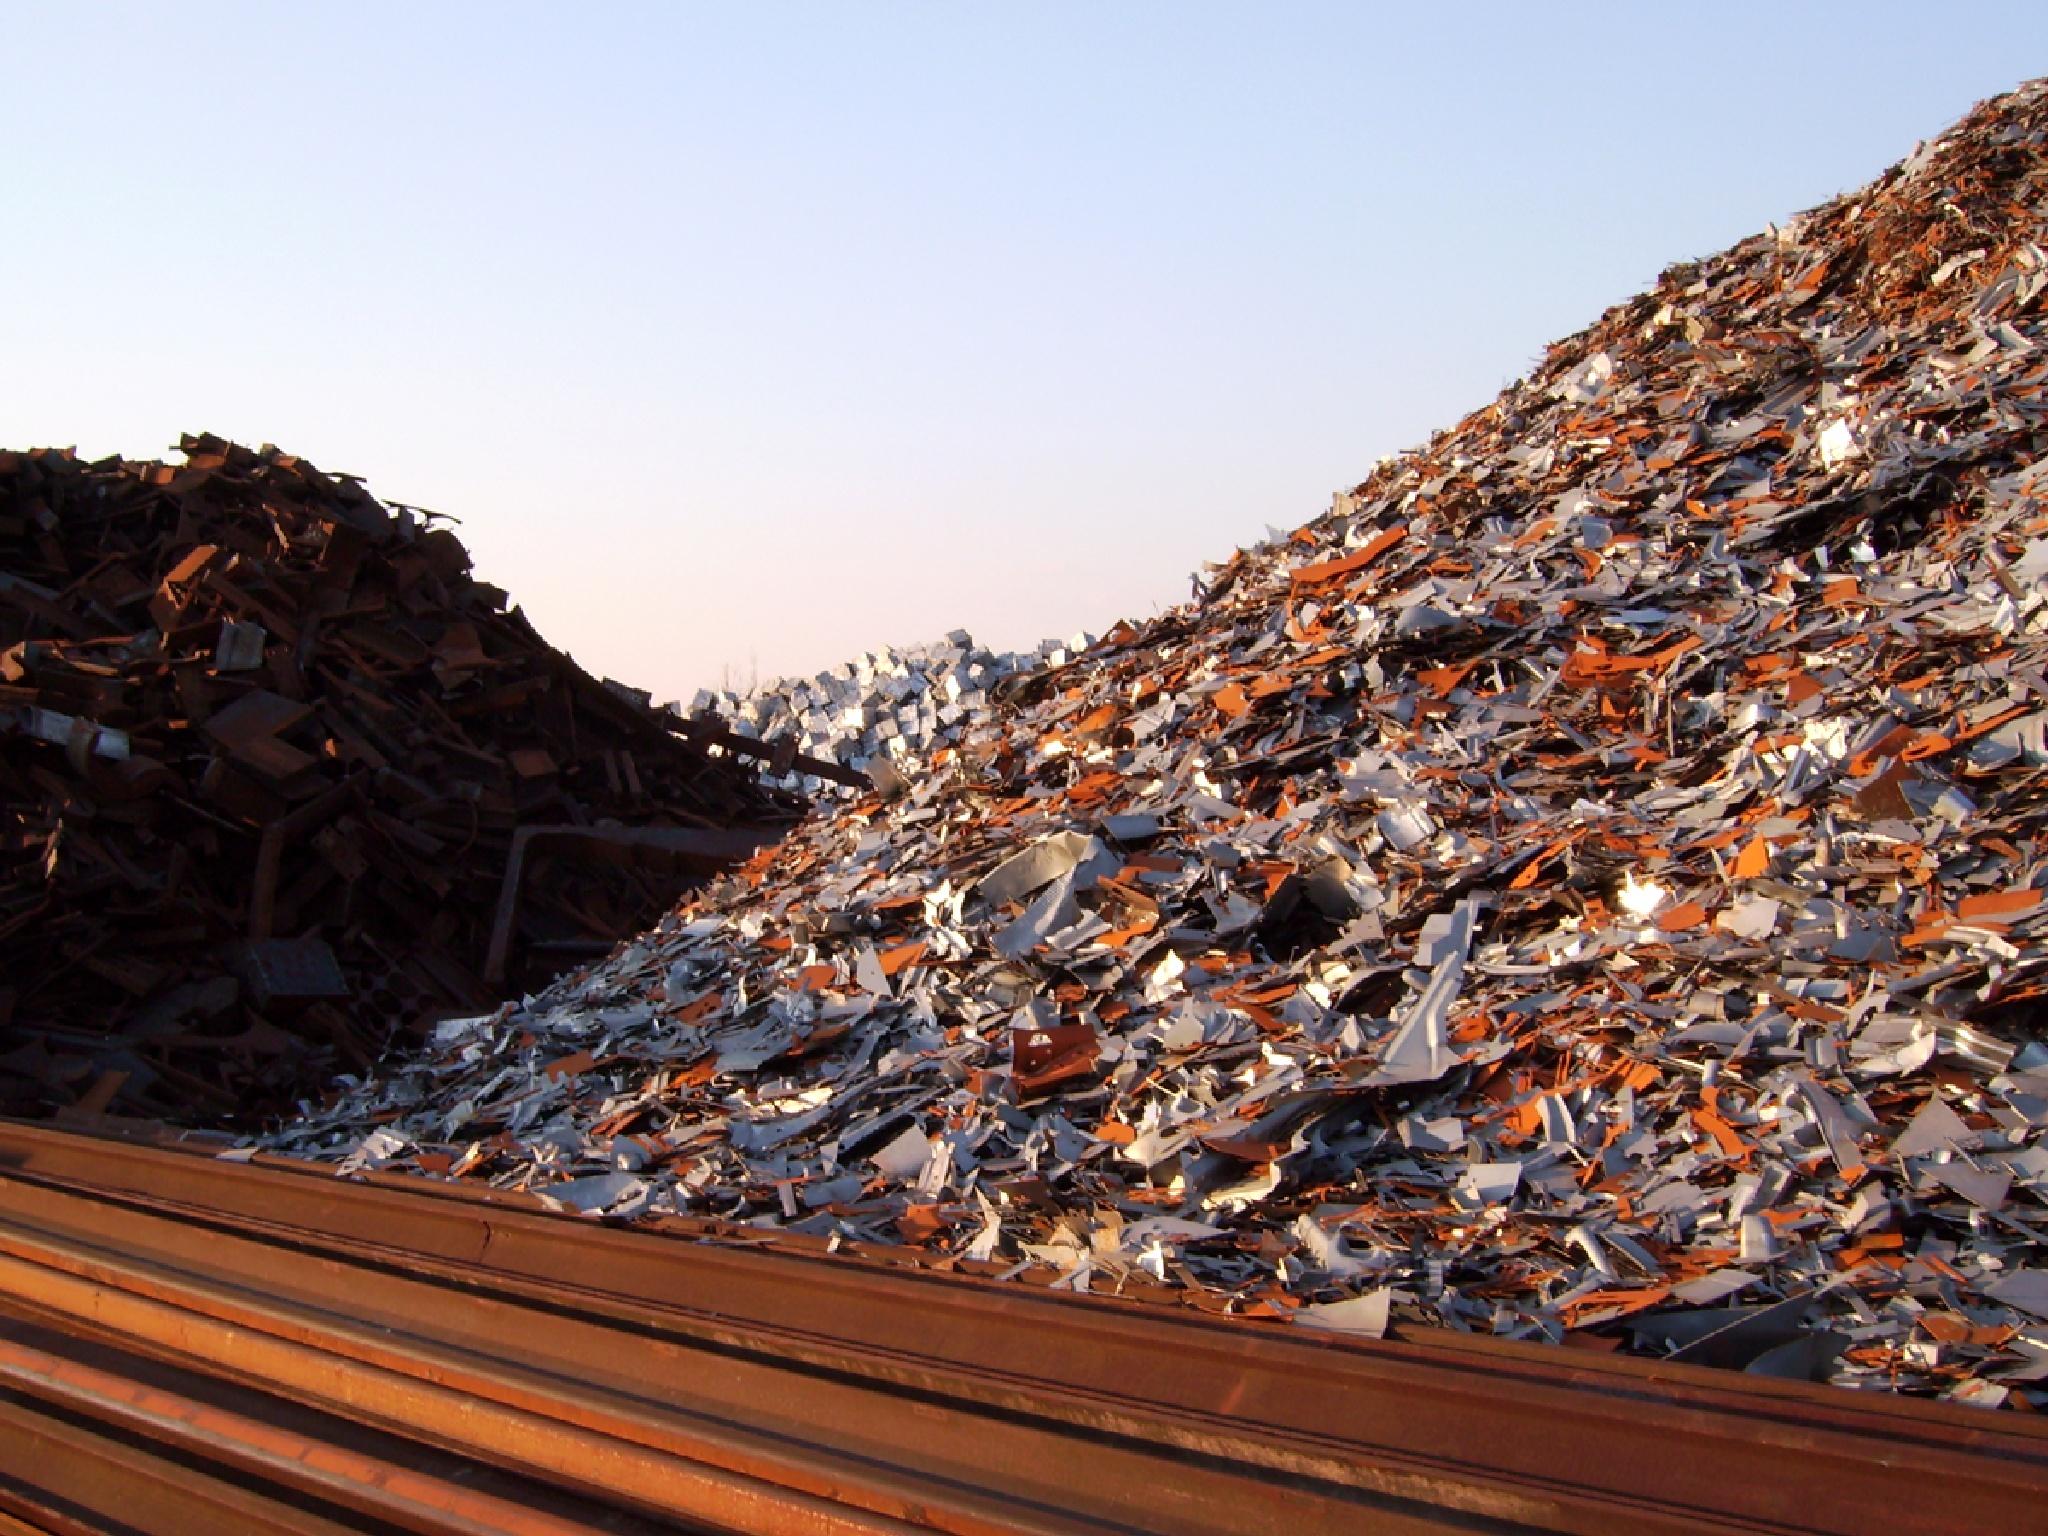 Trashy landscape by Barbara Bumm